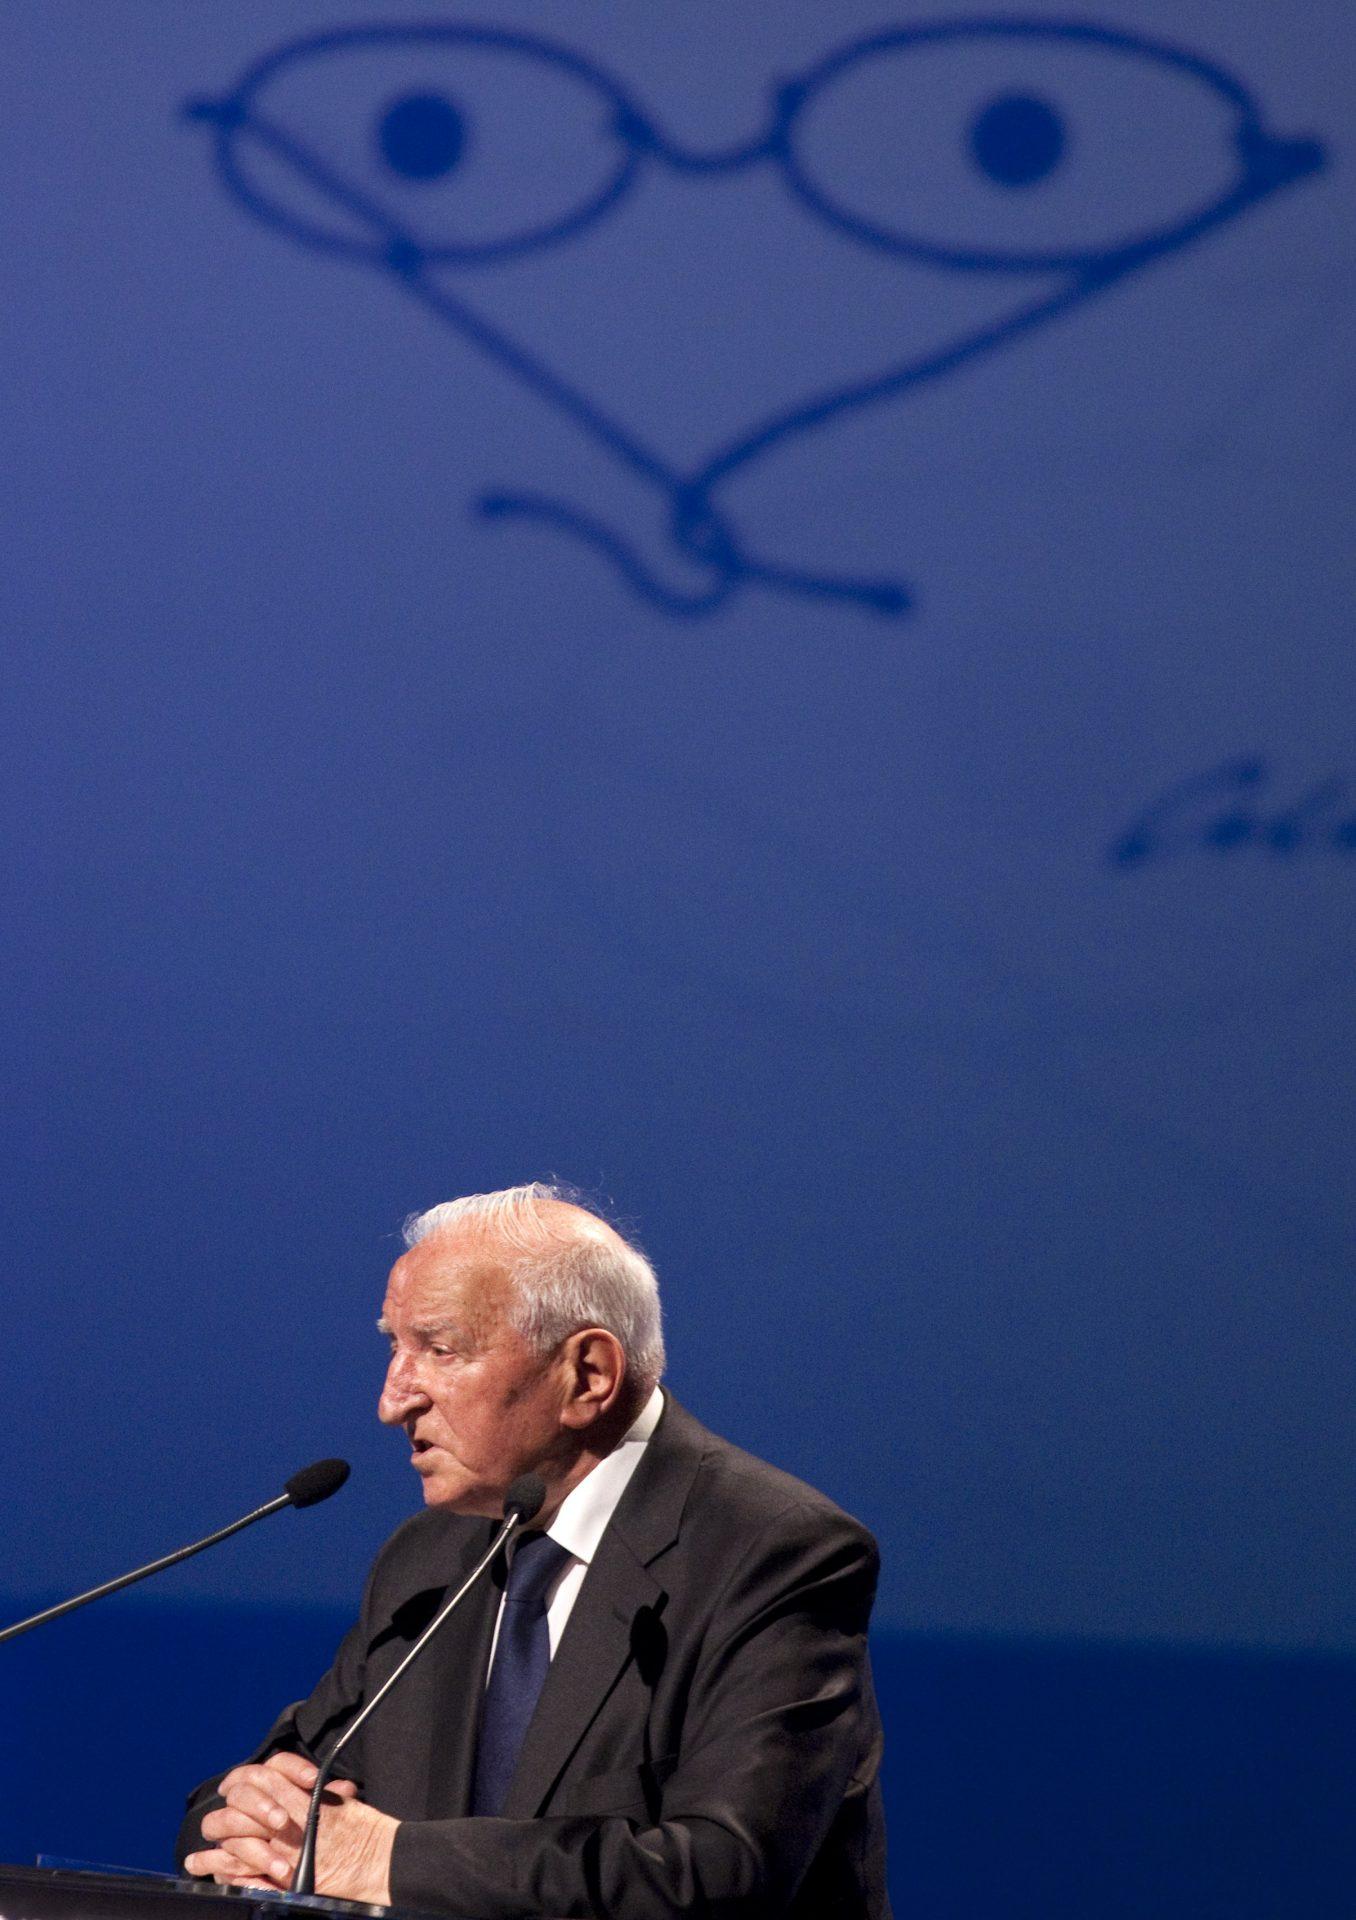 Eduardo Lourenço, ensaísta, professor universitário e filósofo, usa da palavra durante a cerimónia de entrega do Prémio Pessoa 2011, 14 de maio de 2012 em Lisboa. ANTÓNIO COTRIM/LUSA